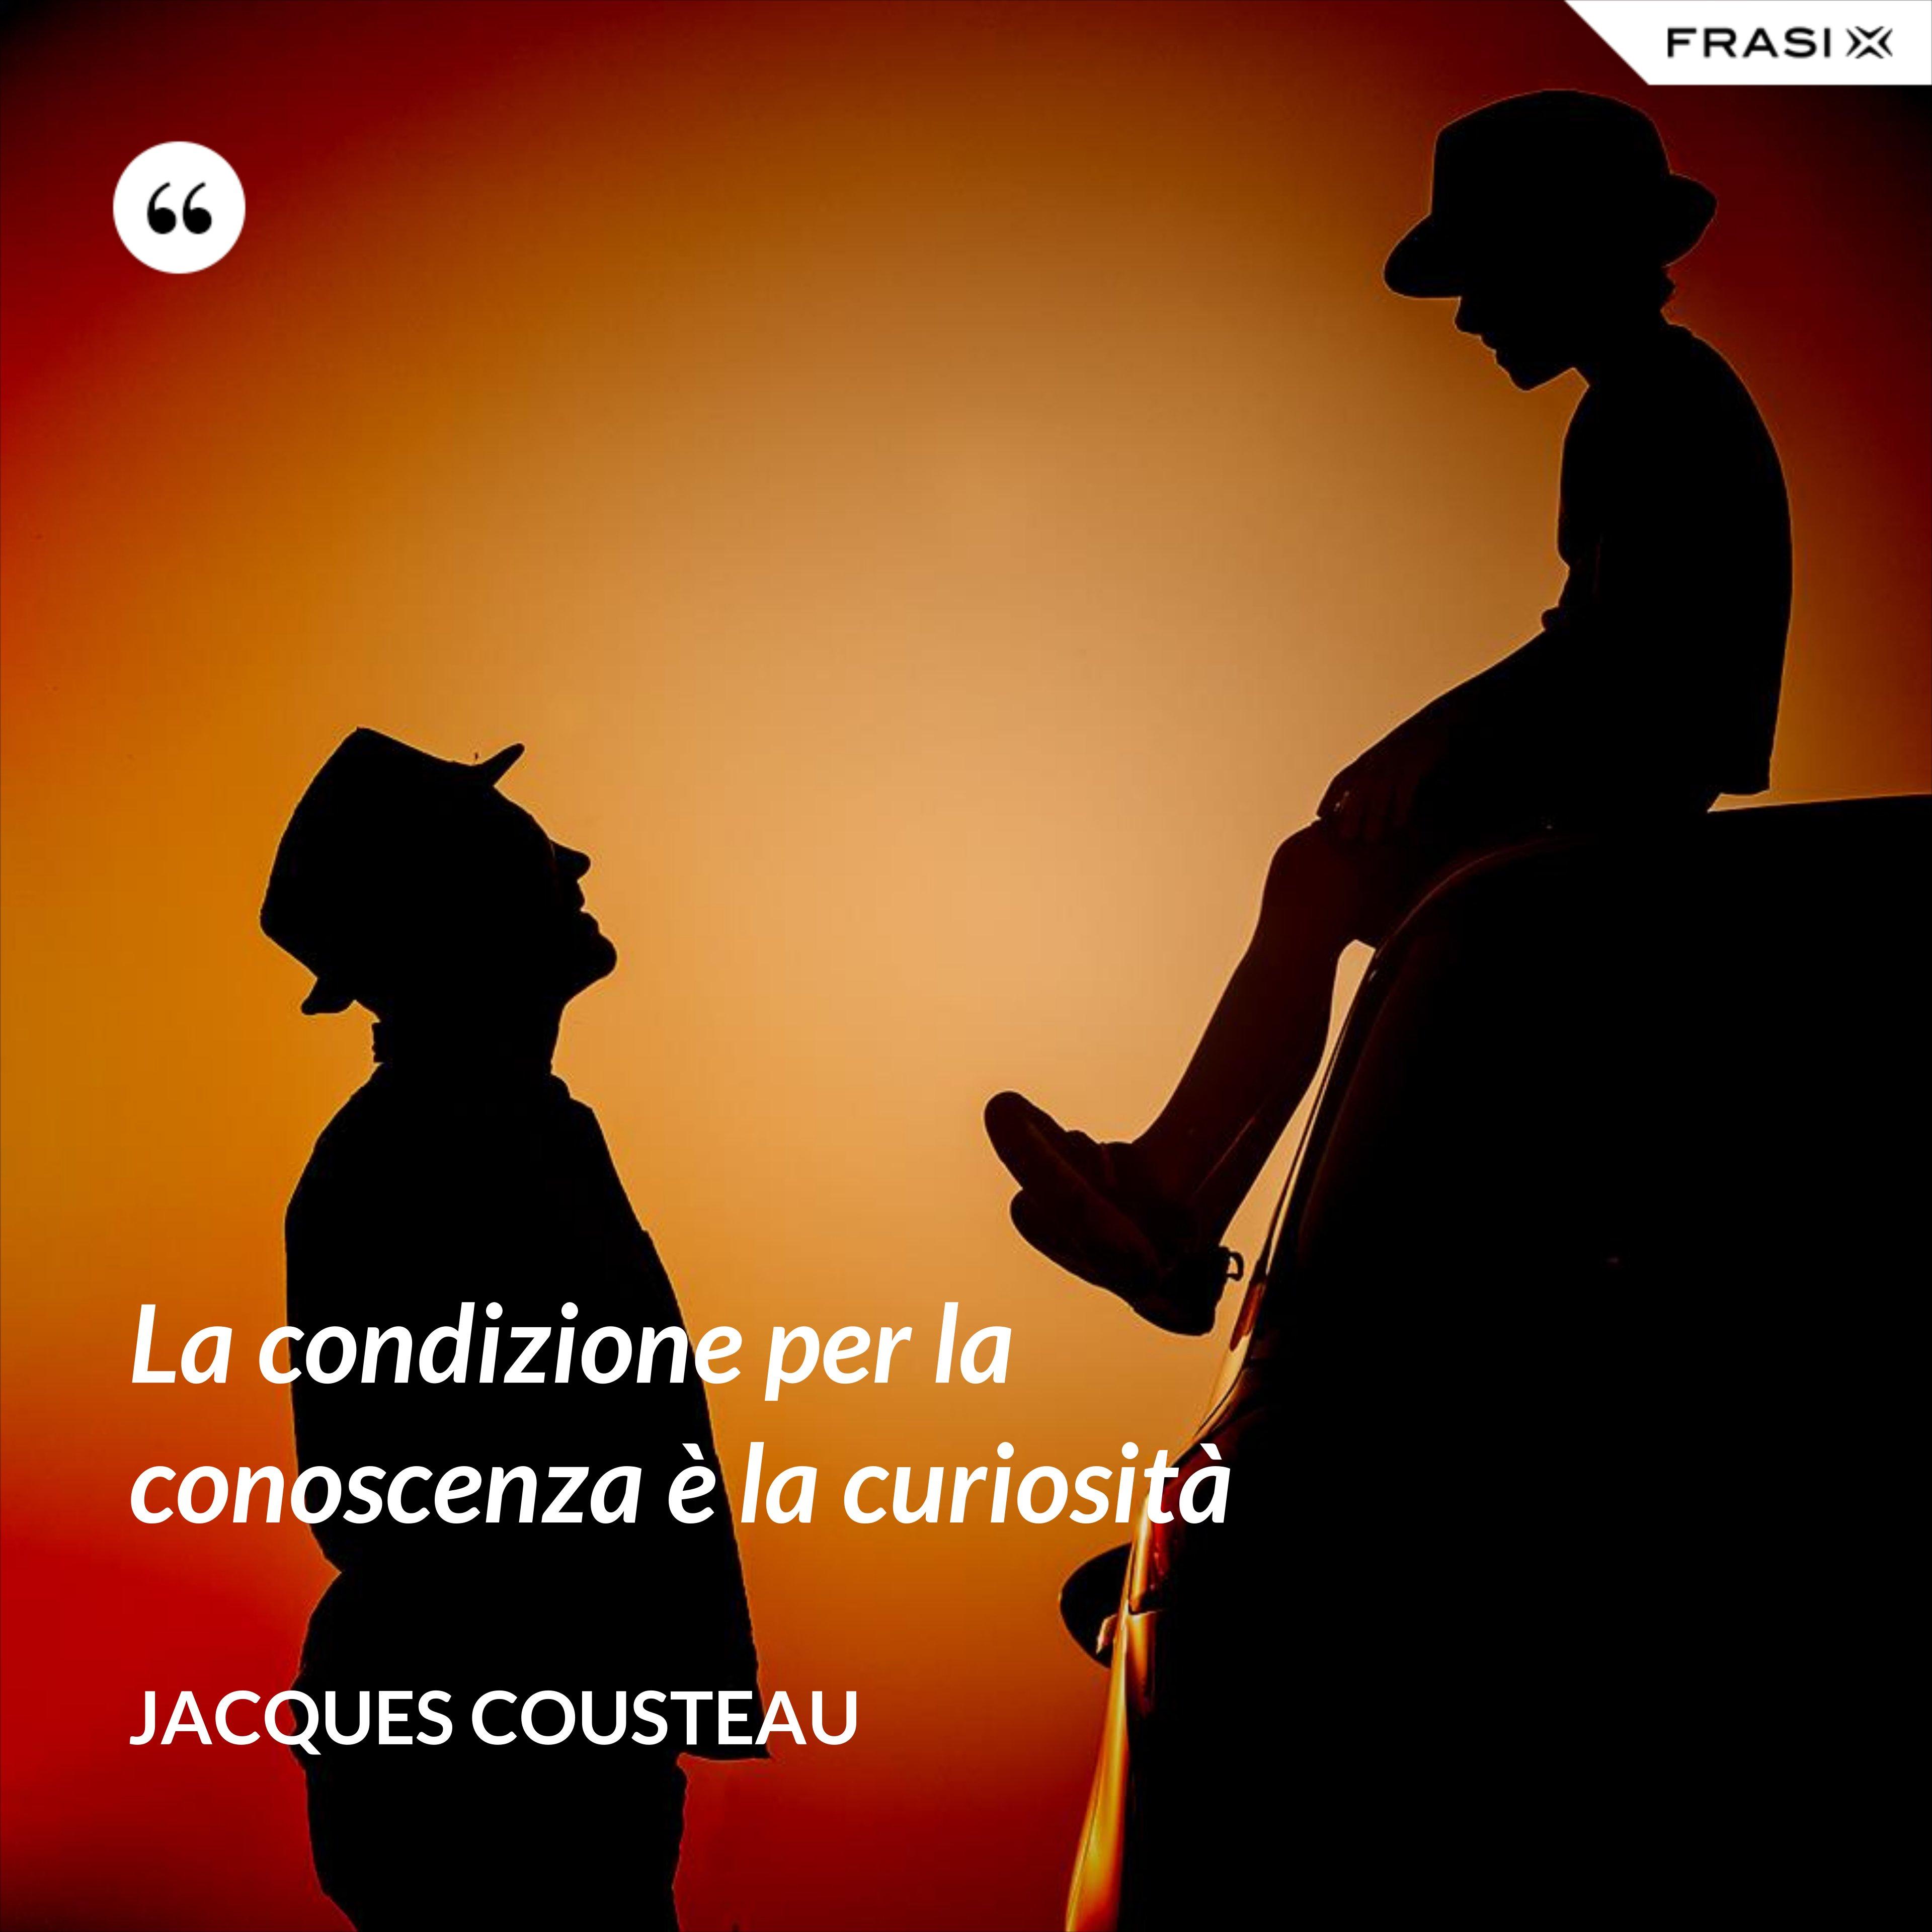 La condizione per la conoscenza è la curiosità - Jacques Cousteau